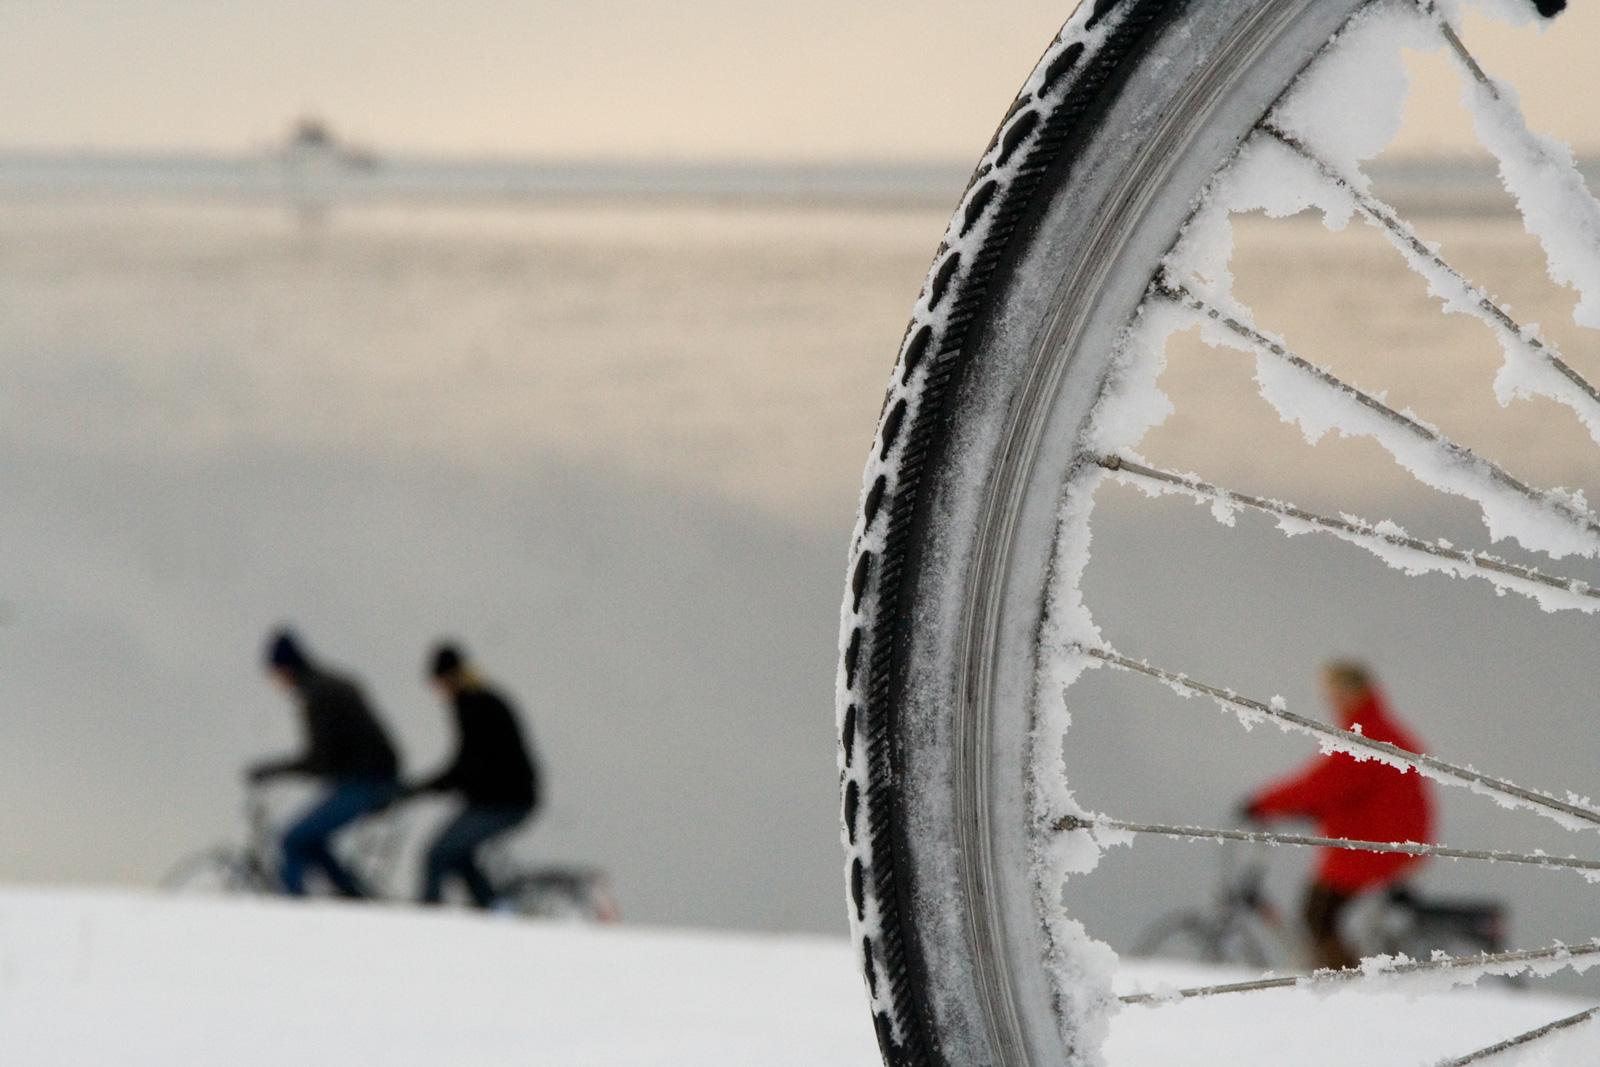 Deine Fahrradreifen benötigen im Winter ein besonders ausgeprägtes Profil.